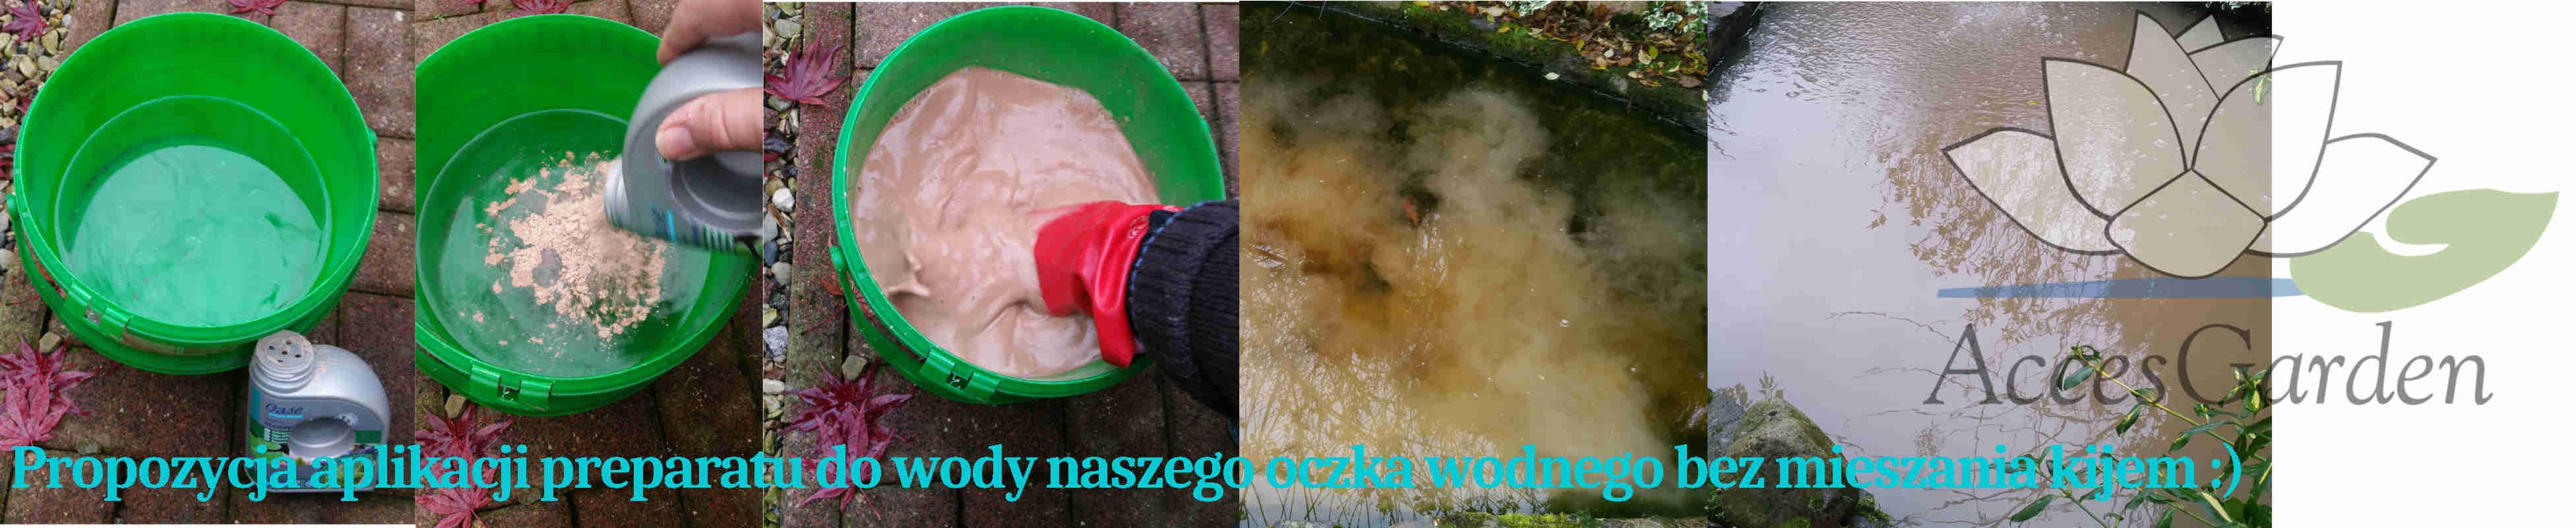 aplikacja-preparatu-wiazacego-fosforany